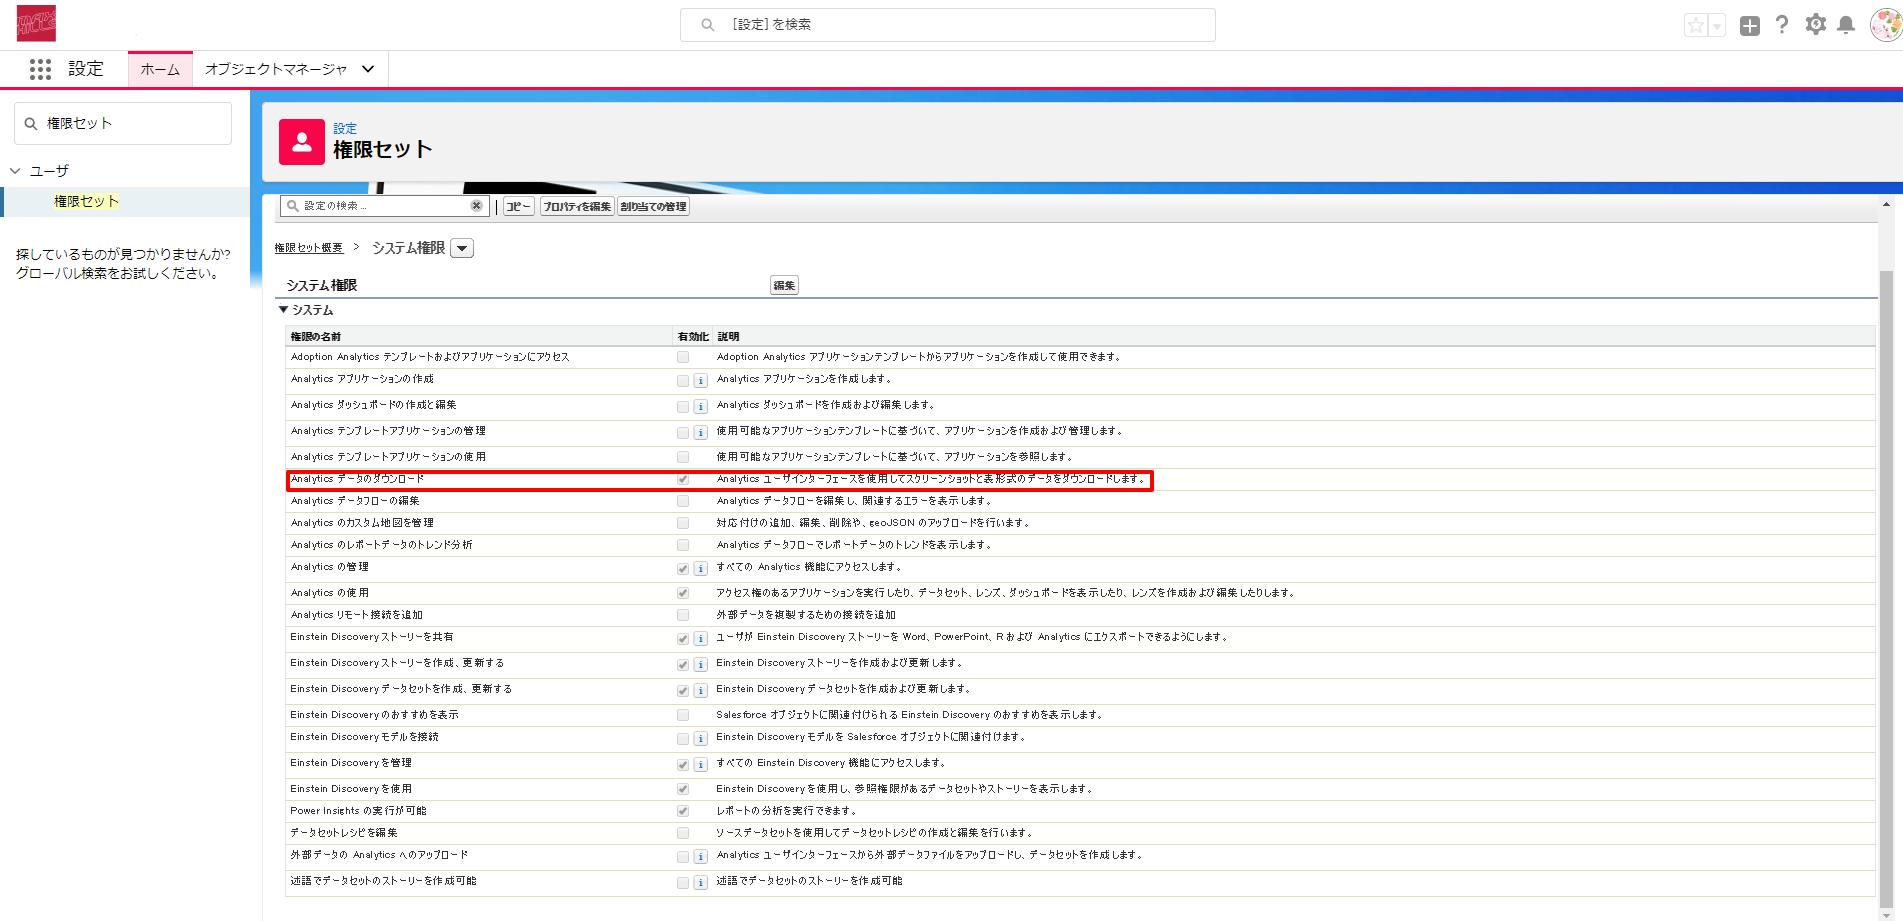 EinsteinAnalytics_data_download_06